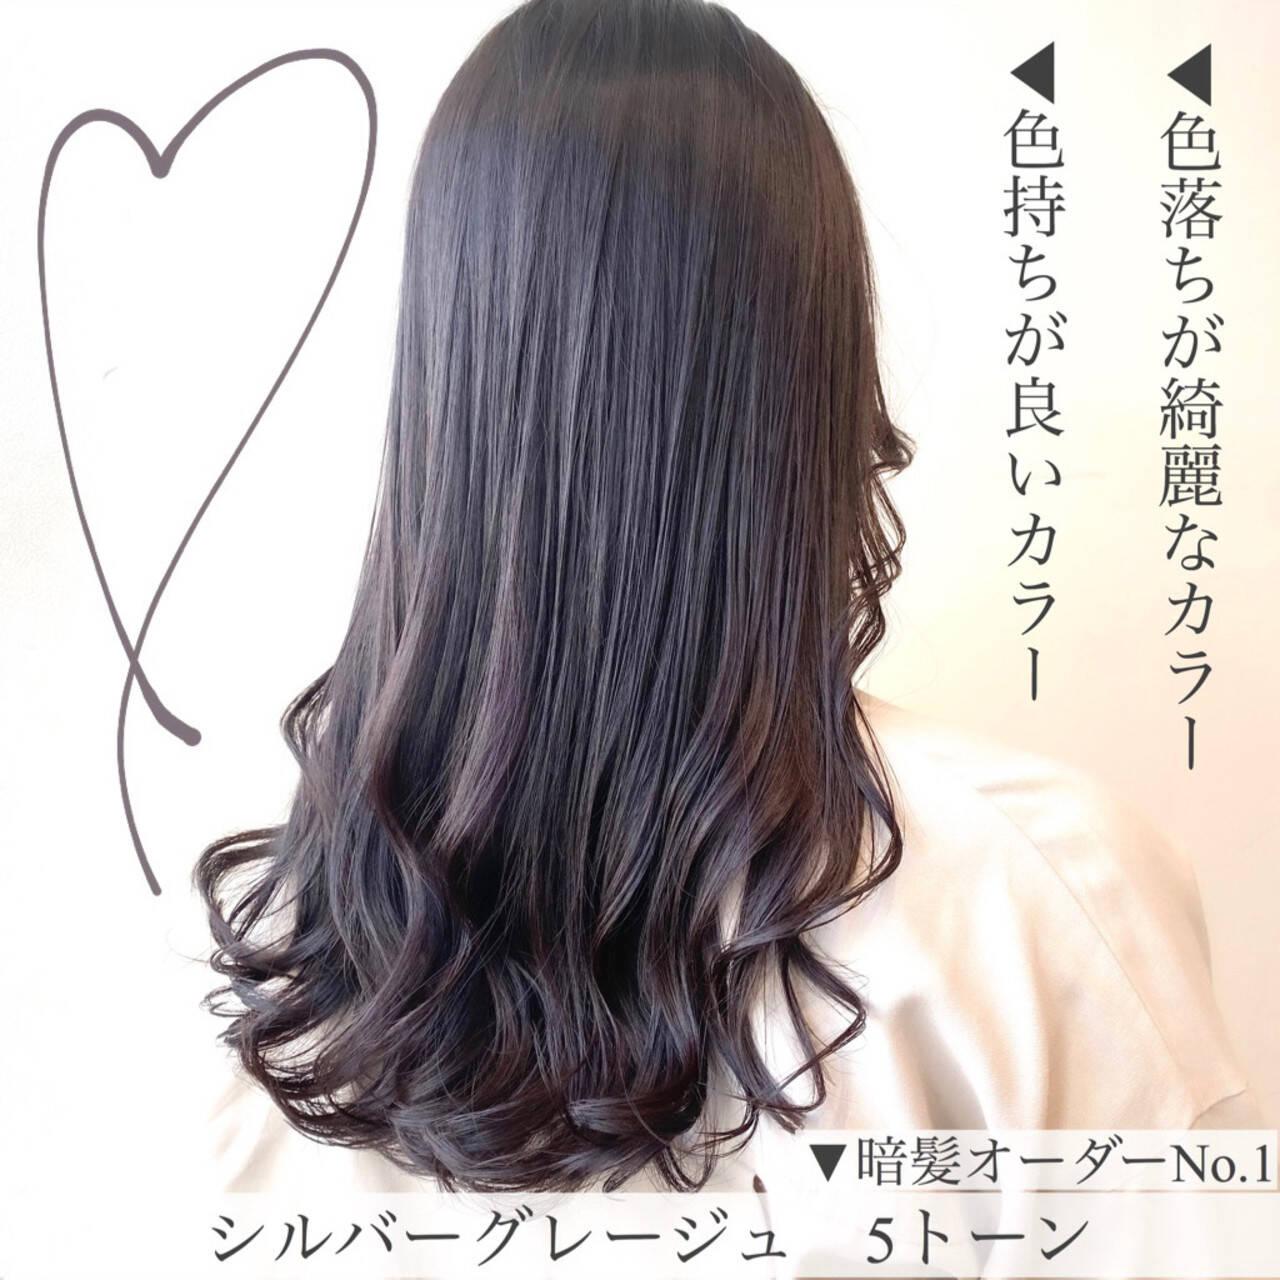 暗髪 ロング 透明感カラー グレージュヘアスタイルや髪型の写真・画像